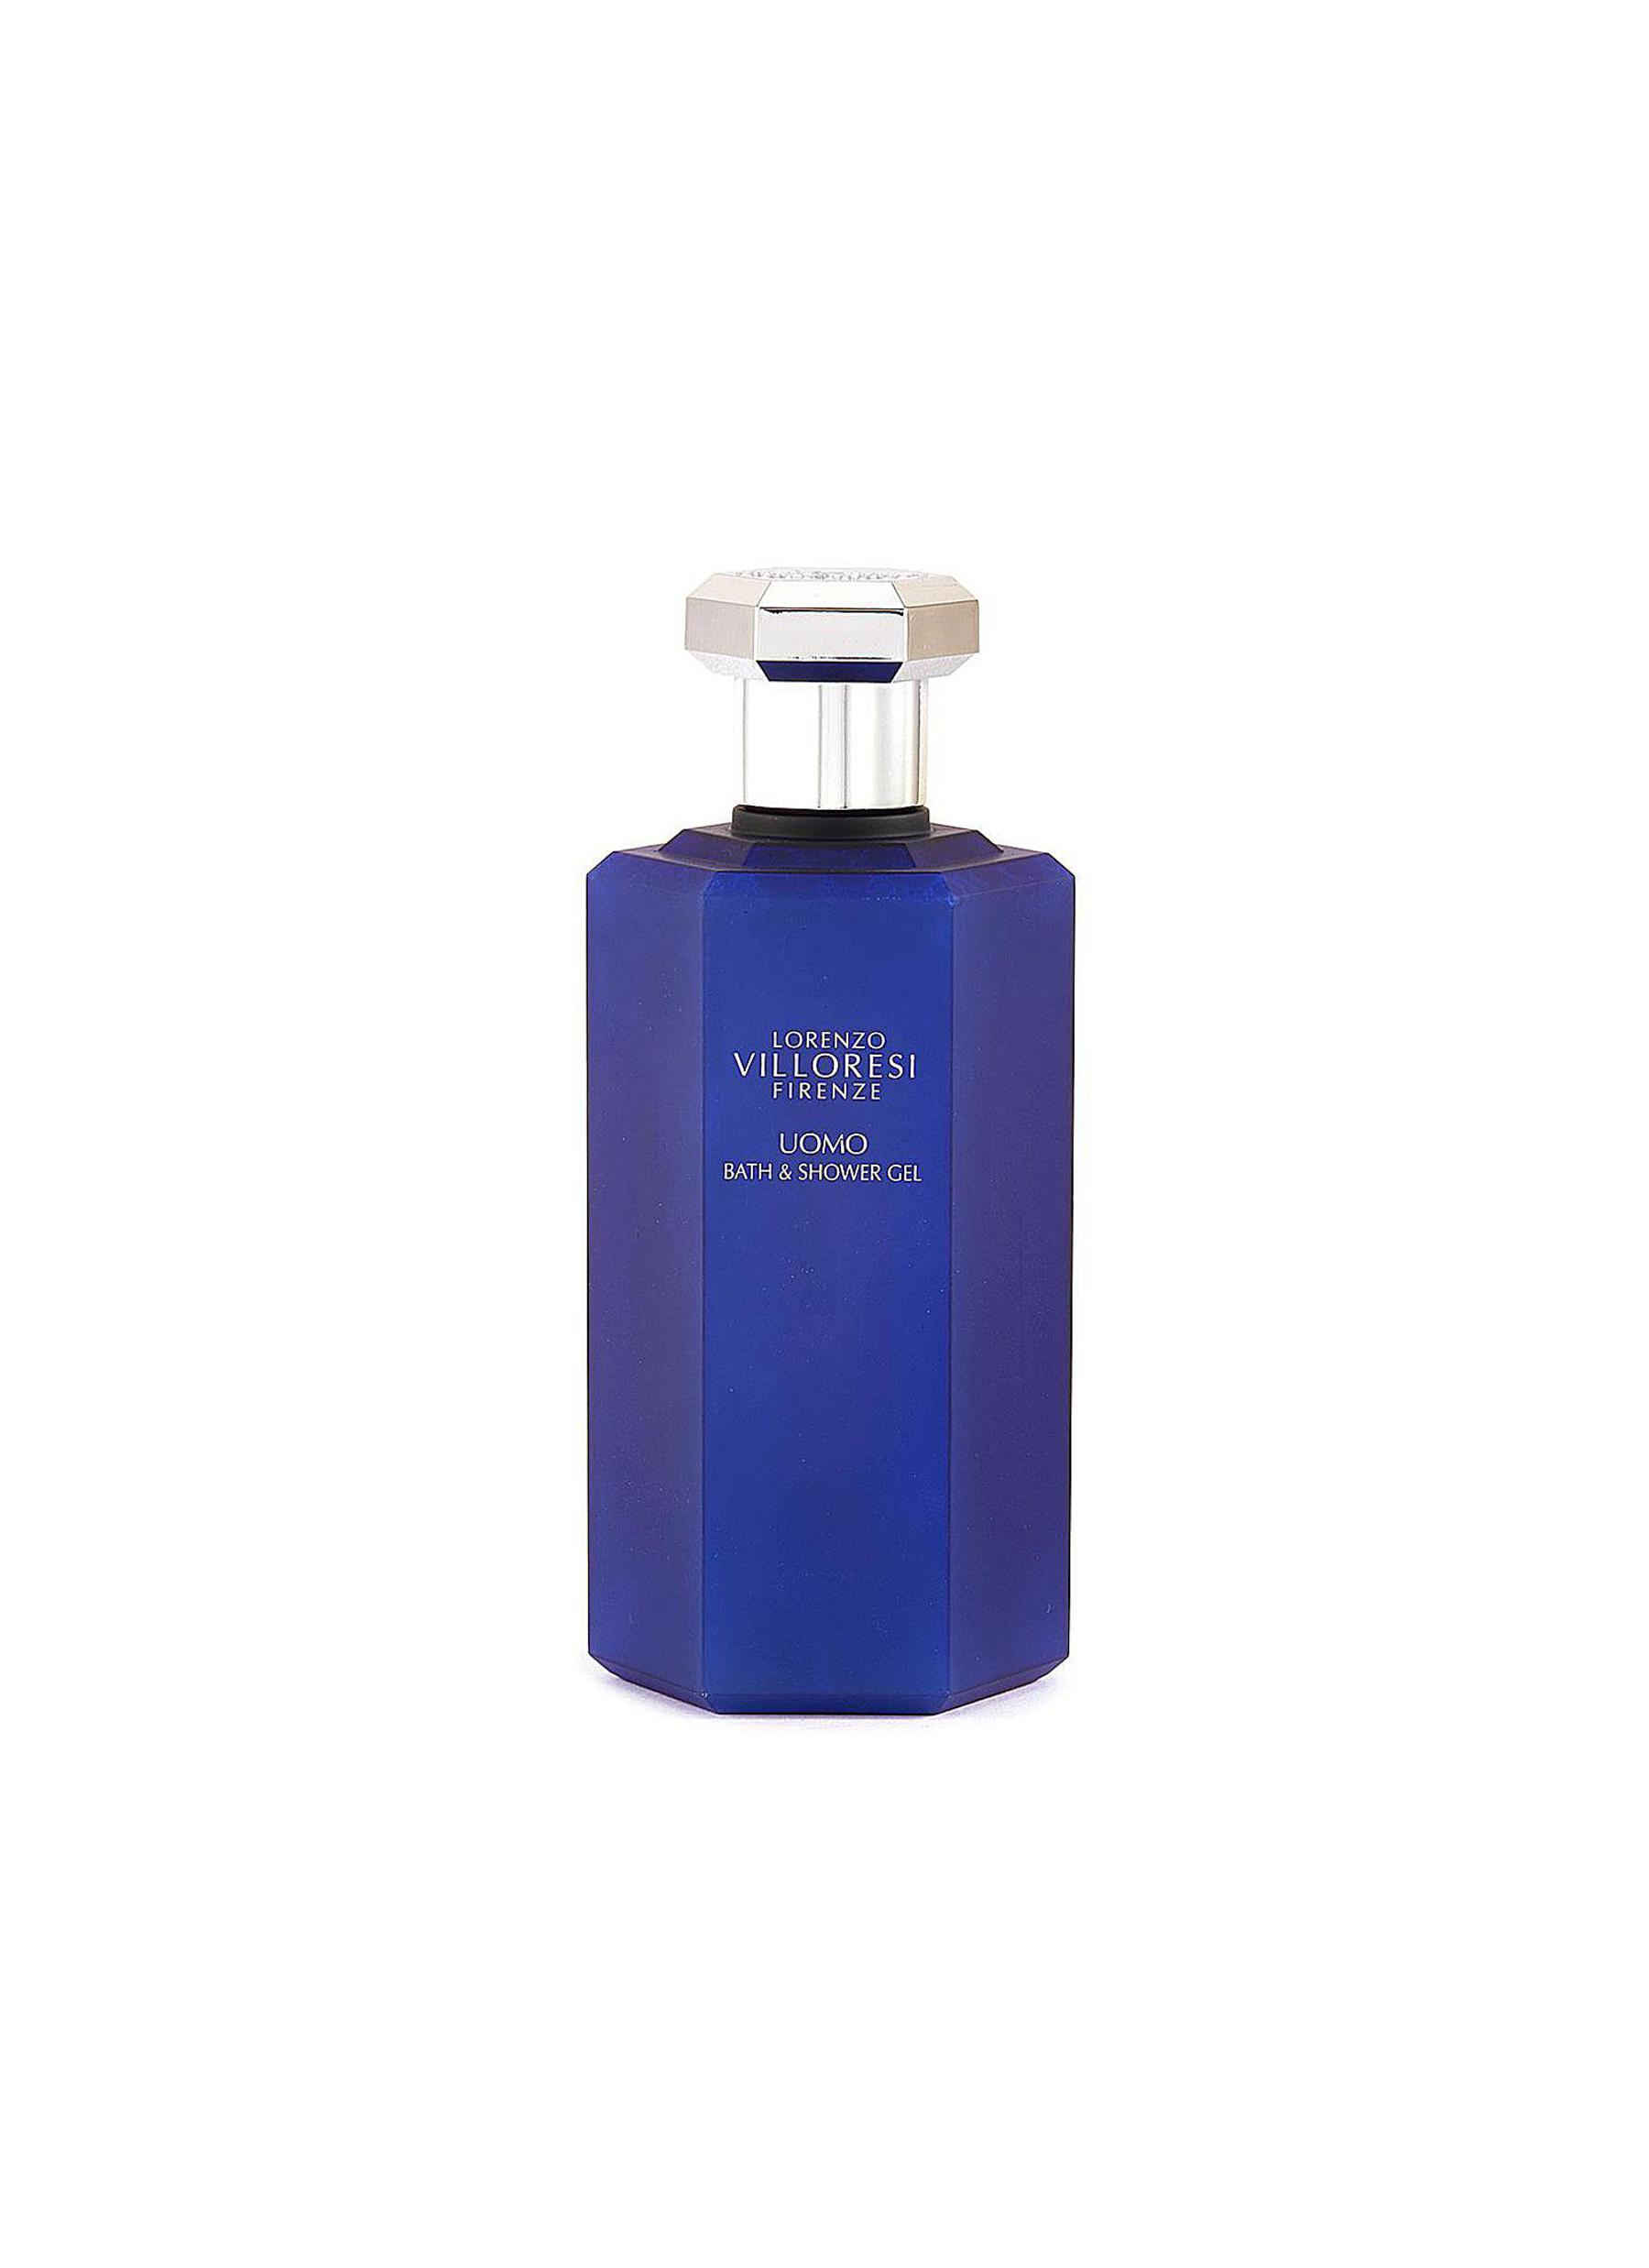 Uomo Bath & Shower Gel 250ml